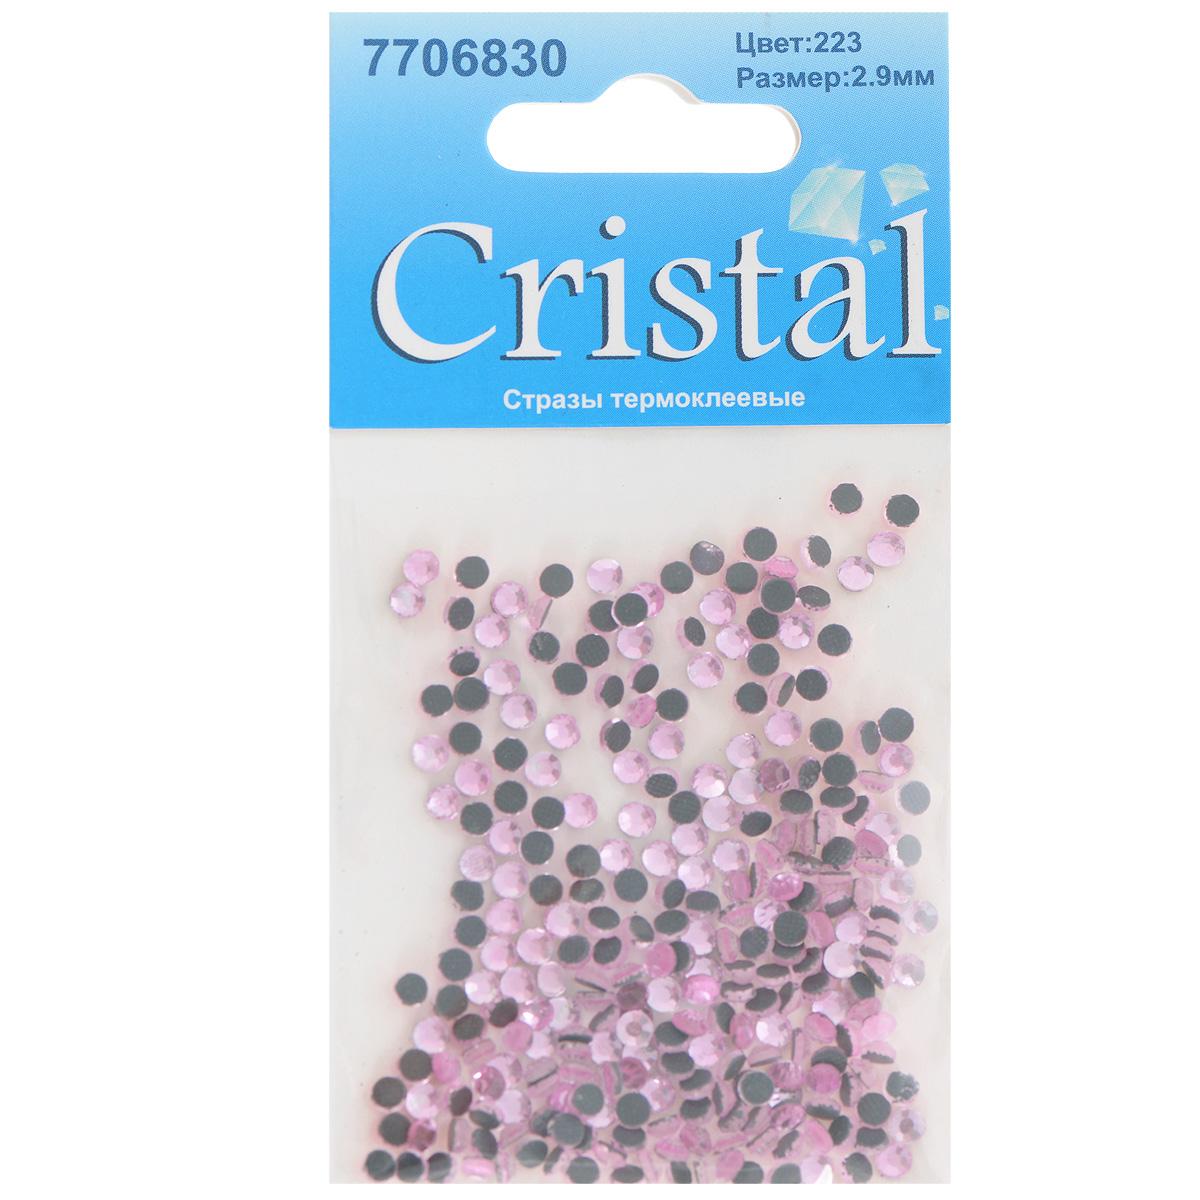 Стразы термоклеевые Cristal, цвет: светло-розовый (223), диаметр 2,9 мм, 288 шт7706830_223Набор термоклеевых страз Cristal, изготовленный из высококачественного акрила, позволит вам украсить одежду, аксессуары или текстиль. Яркие стразы имеют плоское дно и круглую поверхность с гранями.Дно термоклеевых страз уже обработано особым клеем, который под воздействием высоких температур начинает плавиться, приклеиваясь, таким образом, к требуемой поверхности. Чаще всего их используют в текстильной промышленности: стразы прикладывают к ткани и проглаживают утюгом с обратной стороны. Также можно использовать специальный паяльник. Украшение стразами поможет сделать любую вещь оригинальной и неповторимой. Диаметр страз: 2,9 мм.